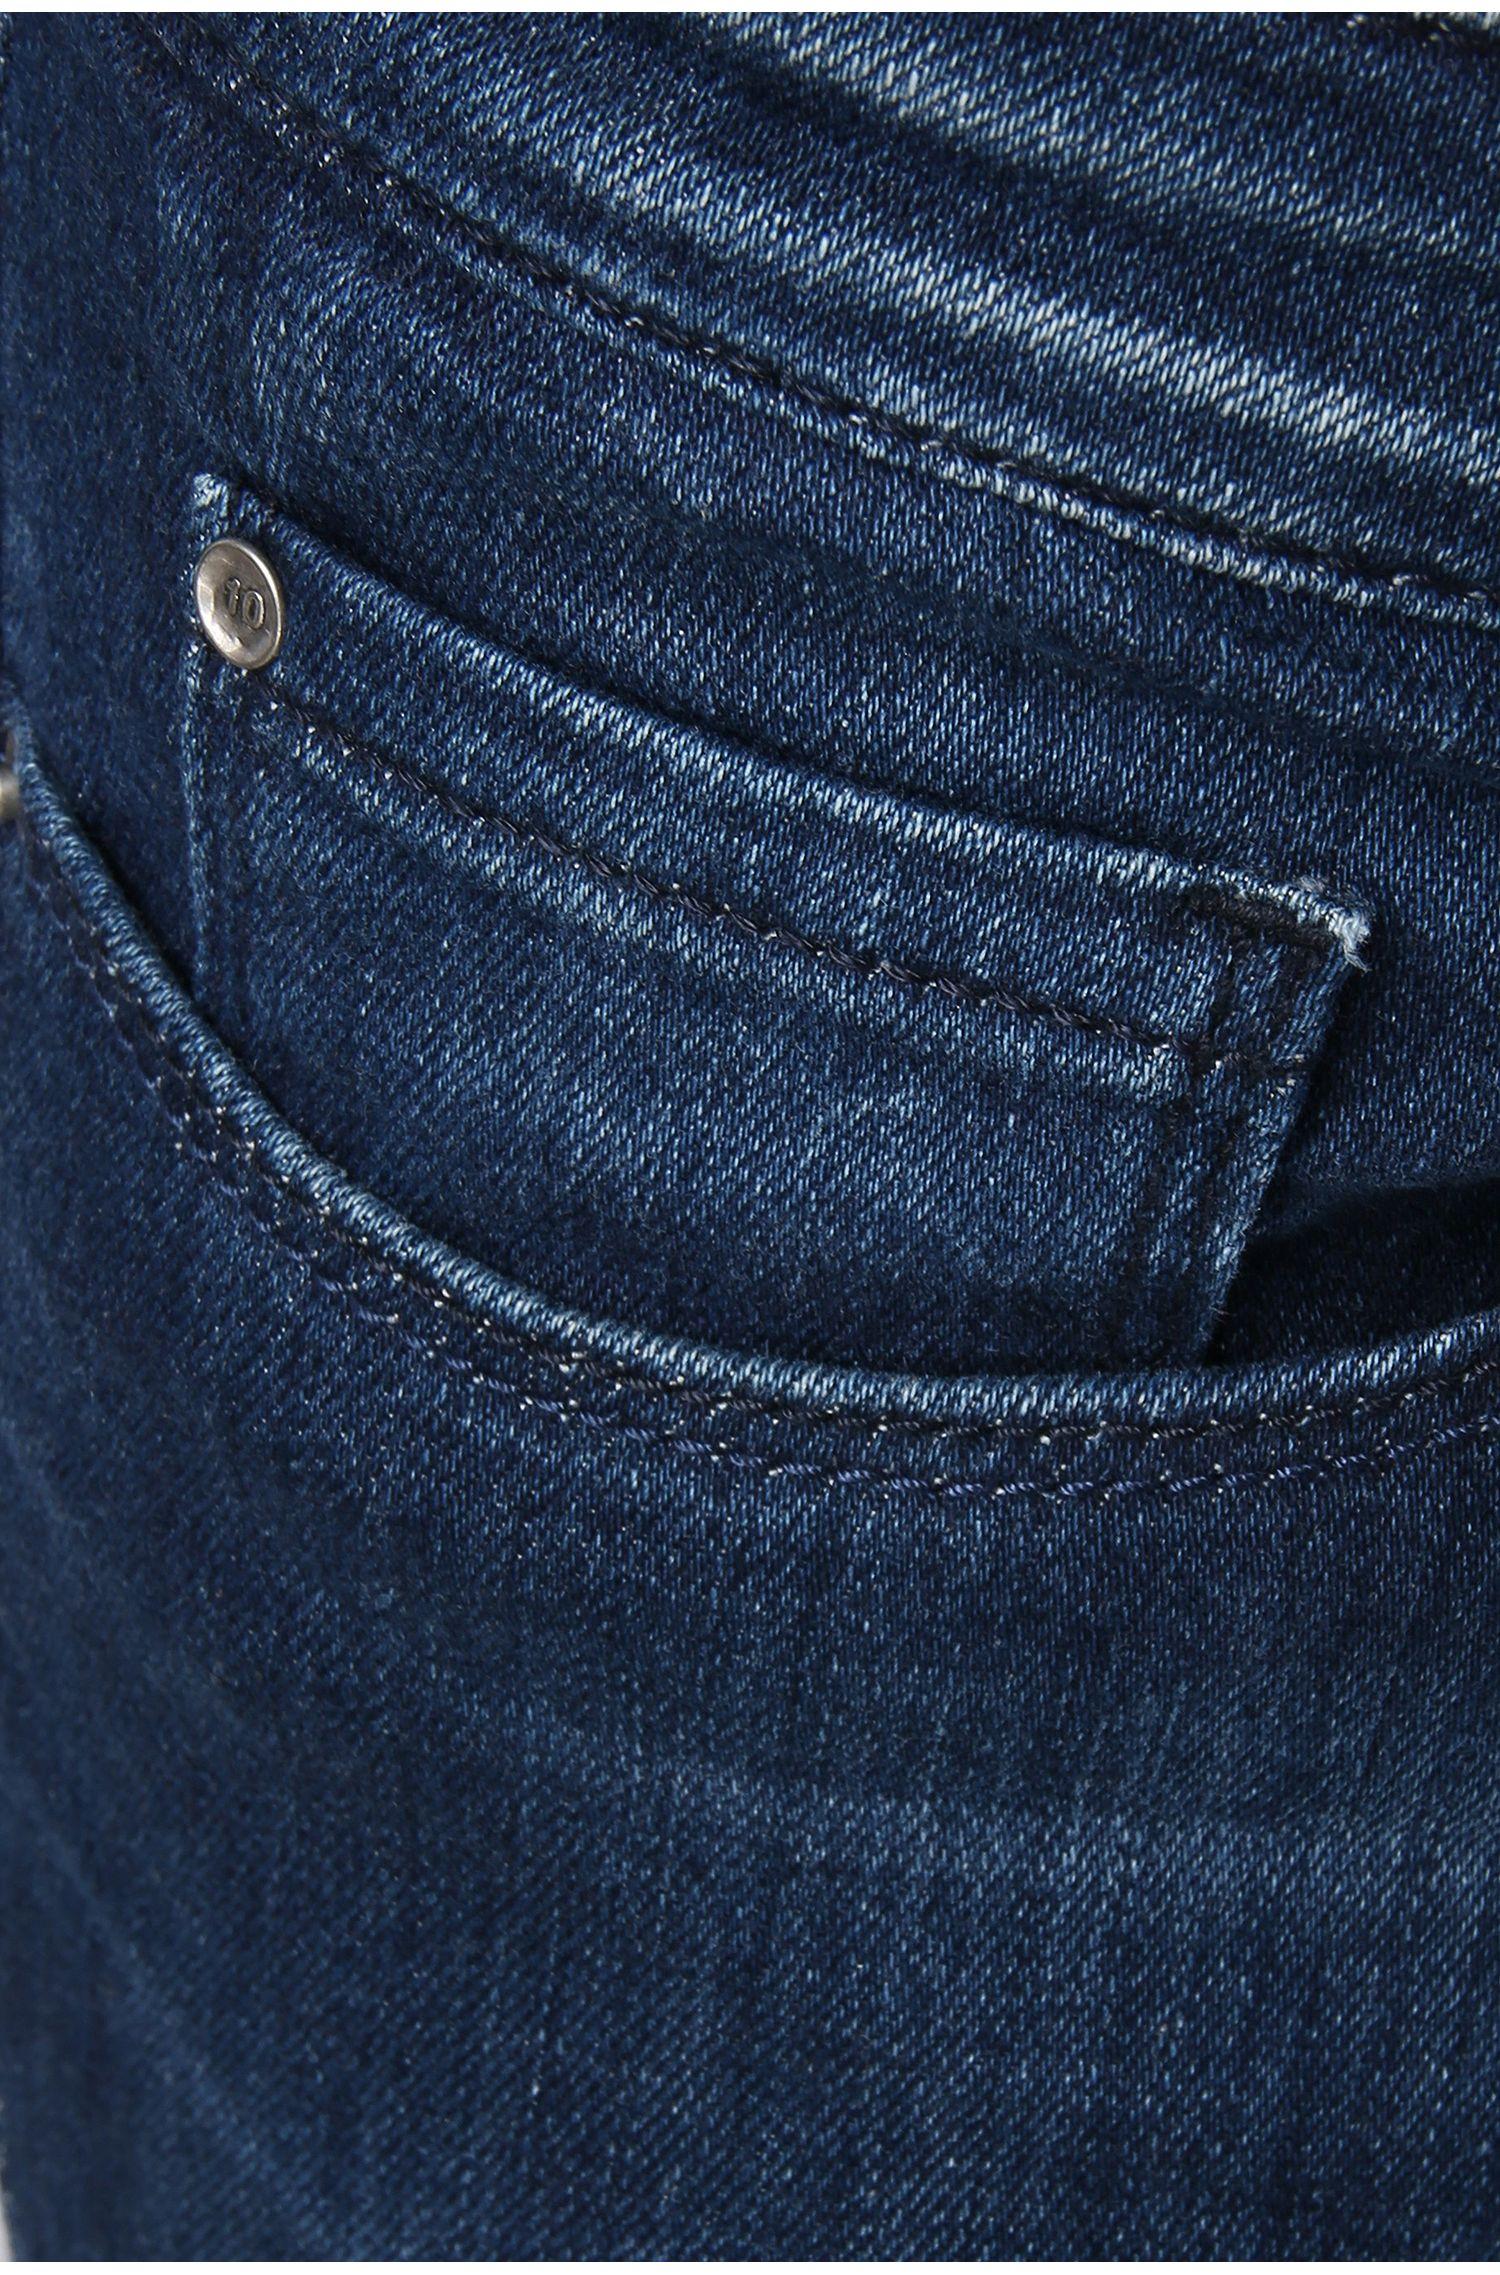 Knöchellange Slim-Fit Jeans aus Stretch-Baumwolle: ´Orange J10 Florida`